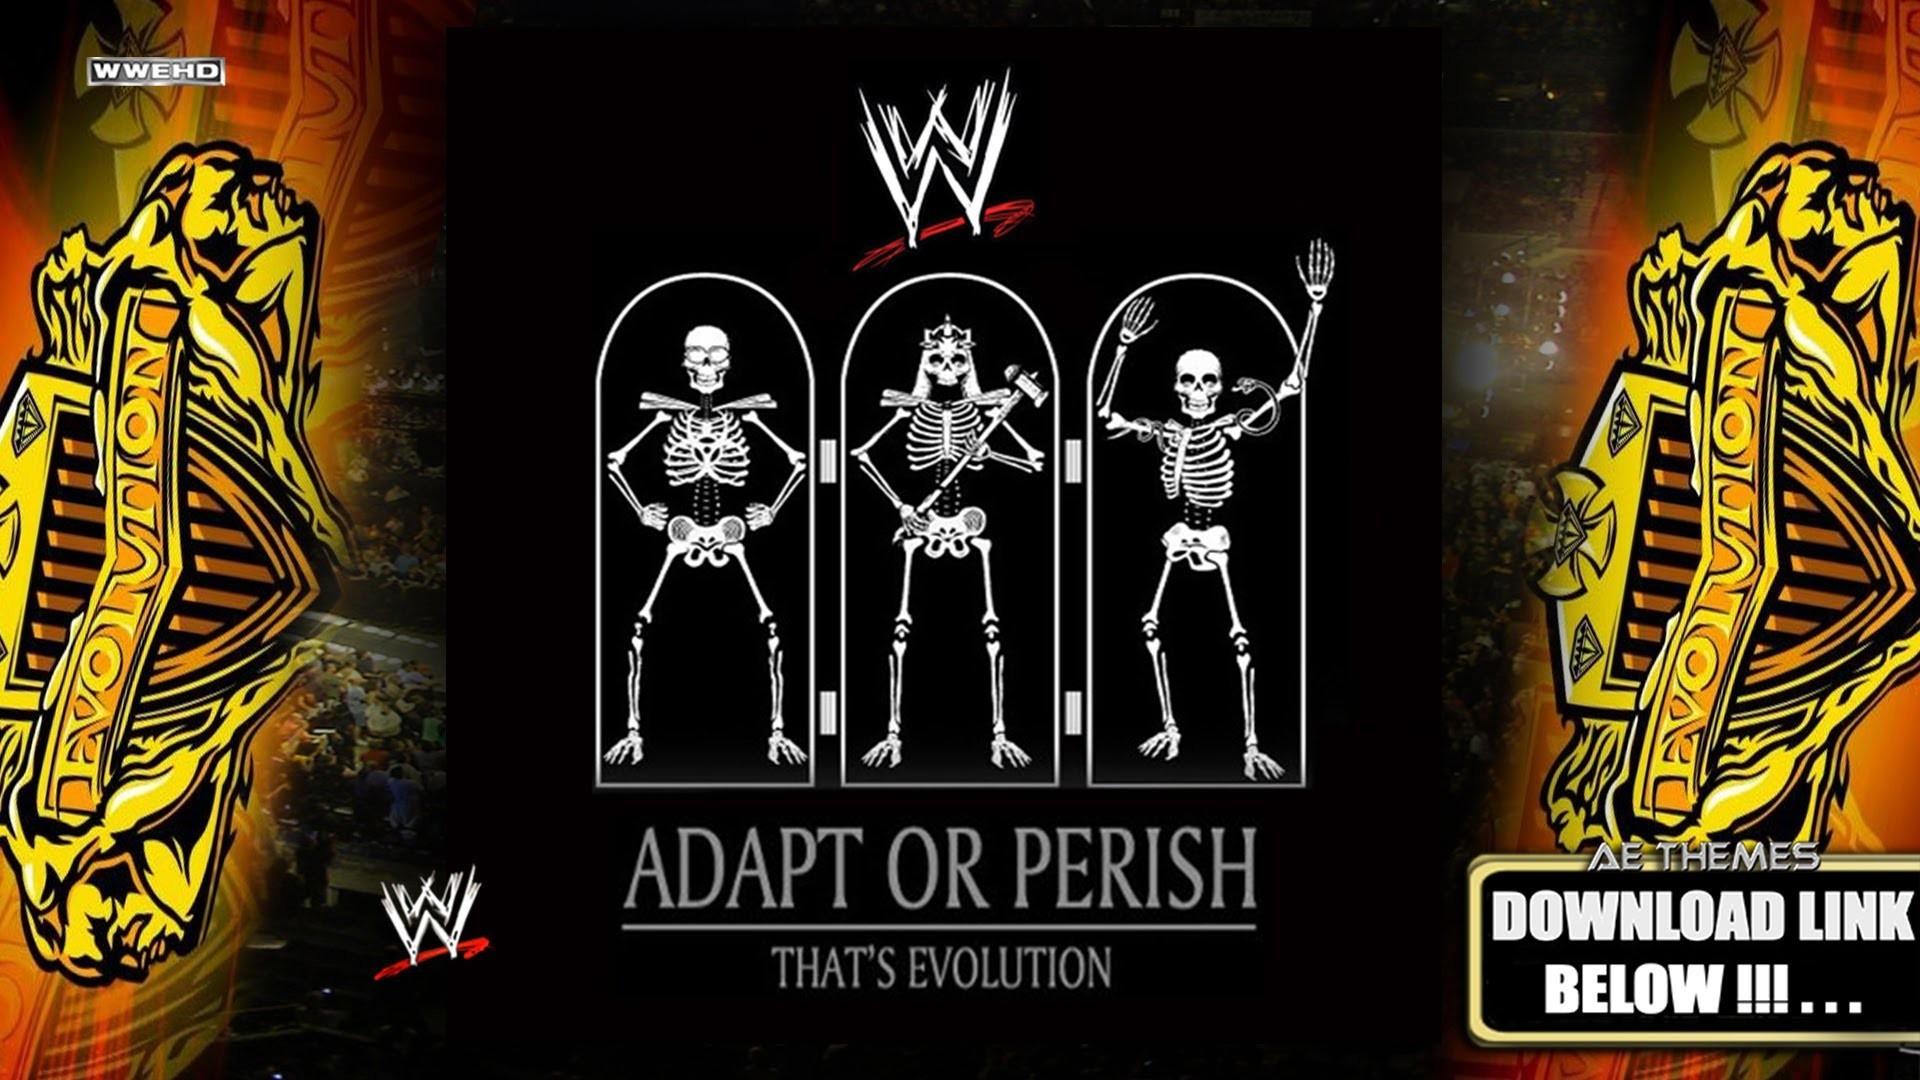 WWE – Evolution [Adapt Or Perish] (Arena Effect) [Full Album]